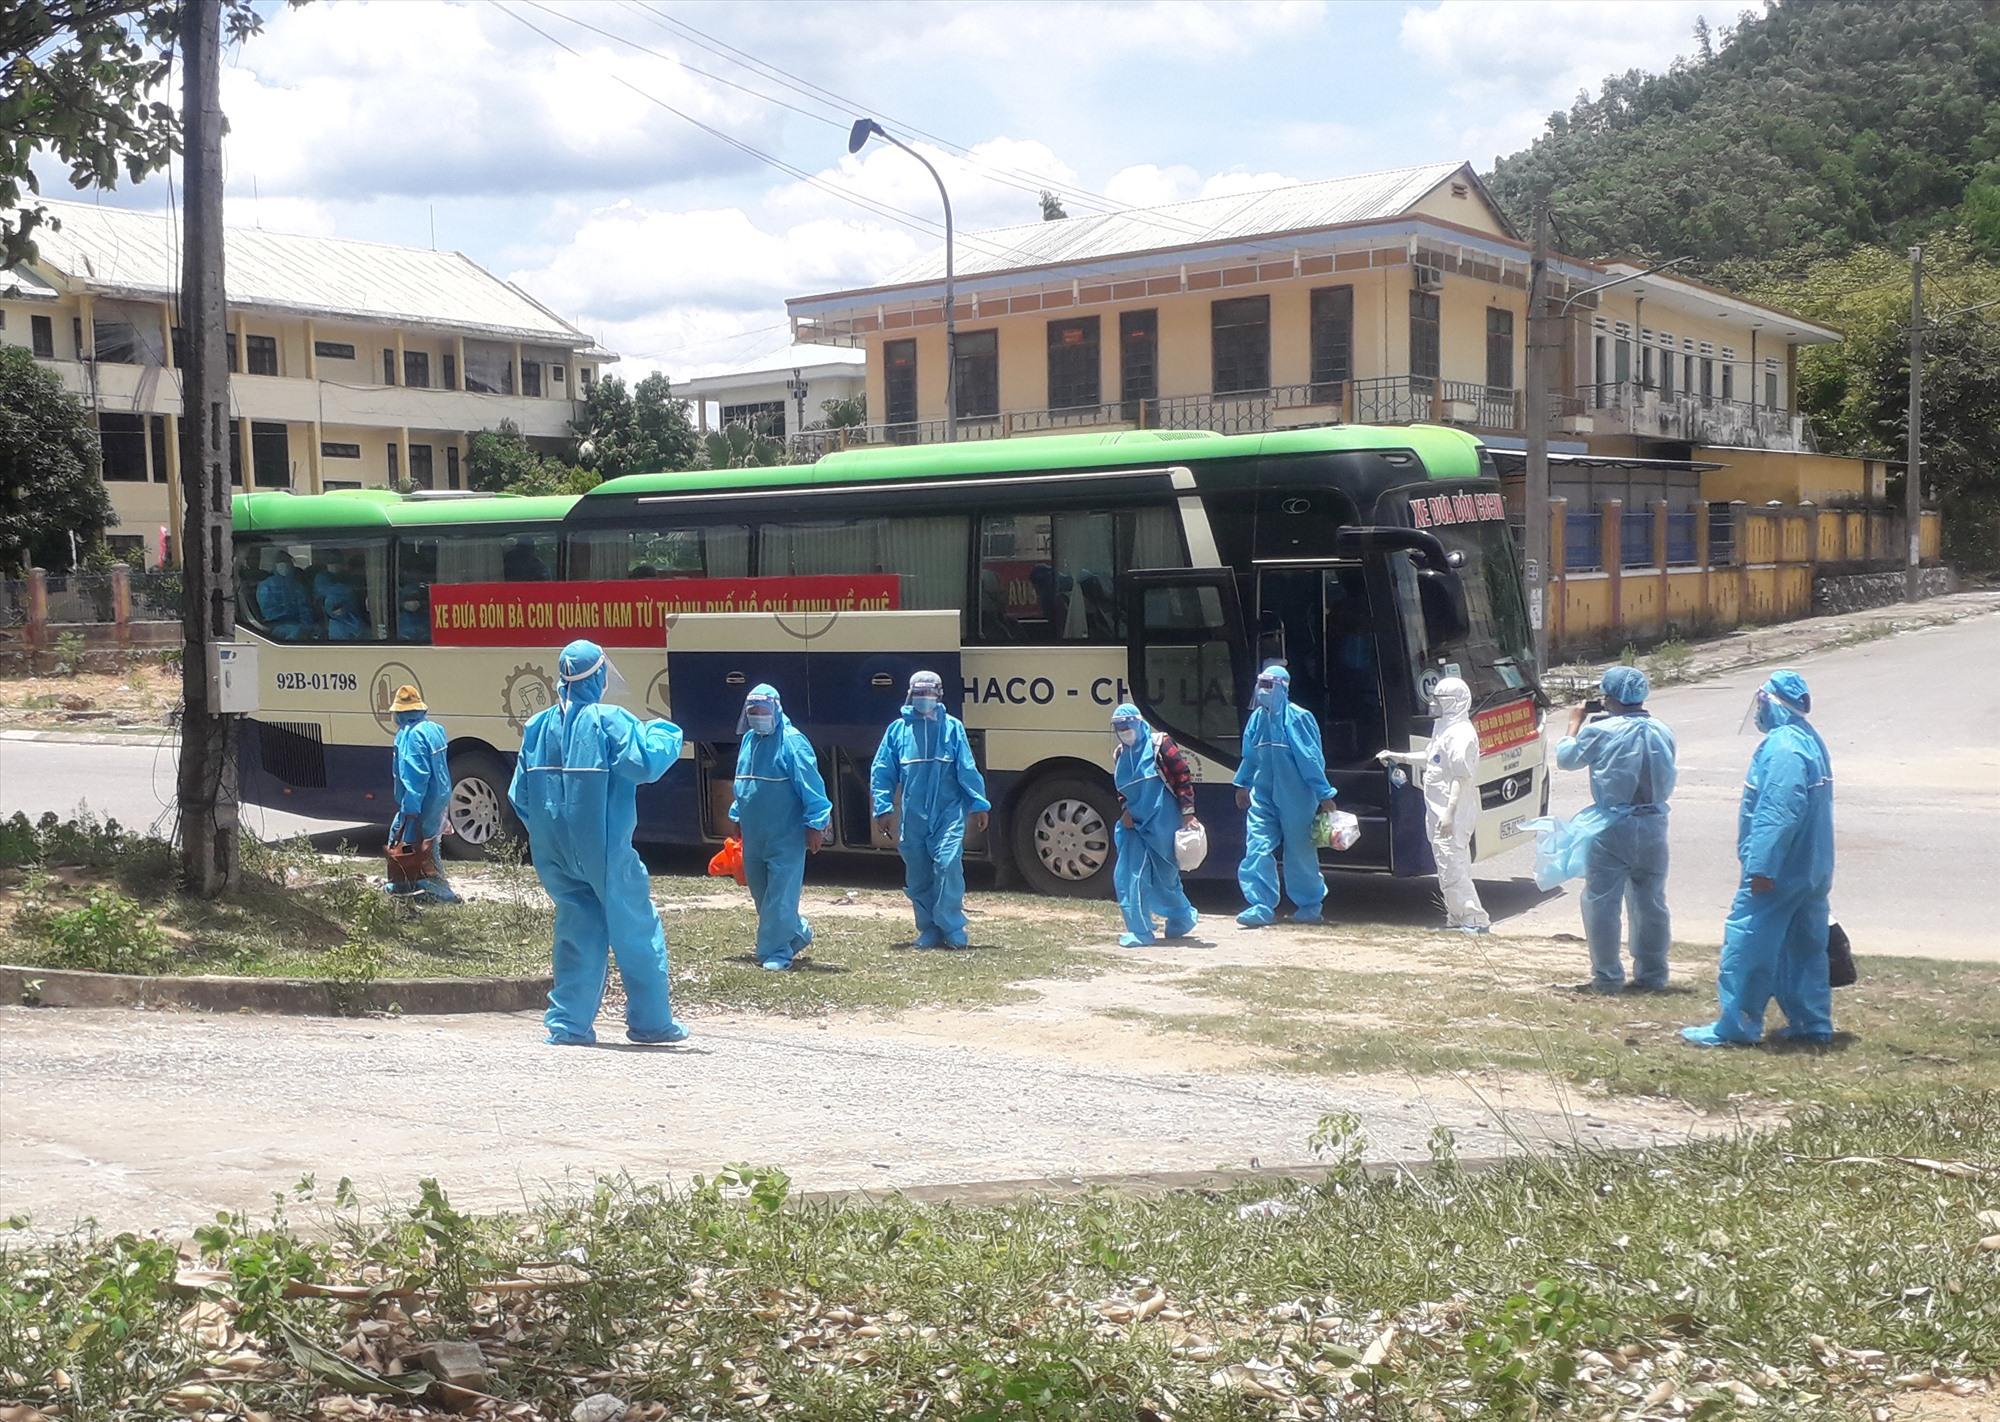 Chuyến xe đưa, đón các công dân các huyện miền núi của tỉnh đã về đến huyện Nam Giang. Ảnh: V.K